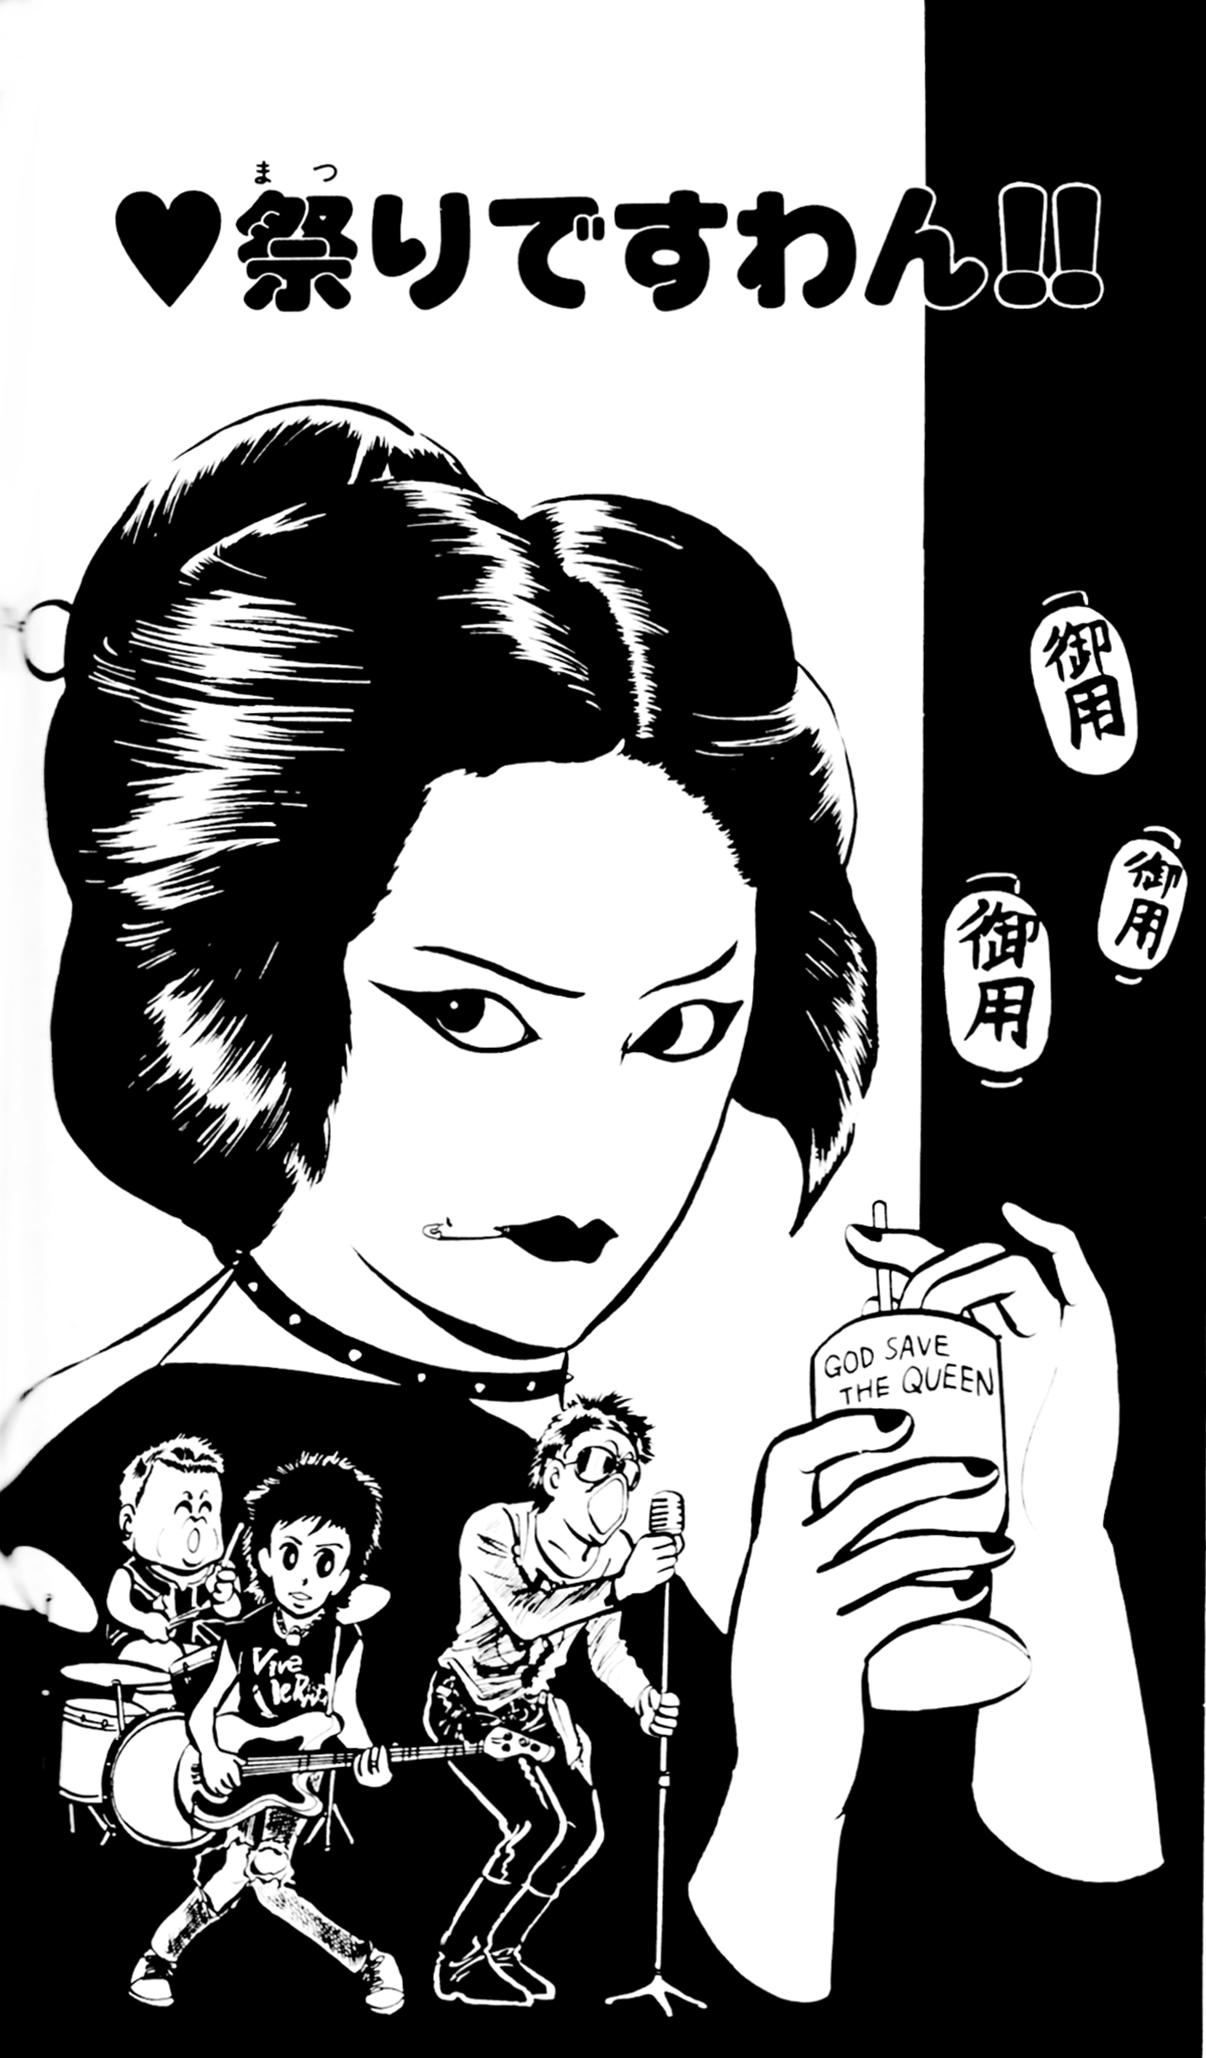 『マカロニほうれん荘』の事実2:ポップアートとギャグ漫画が両立